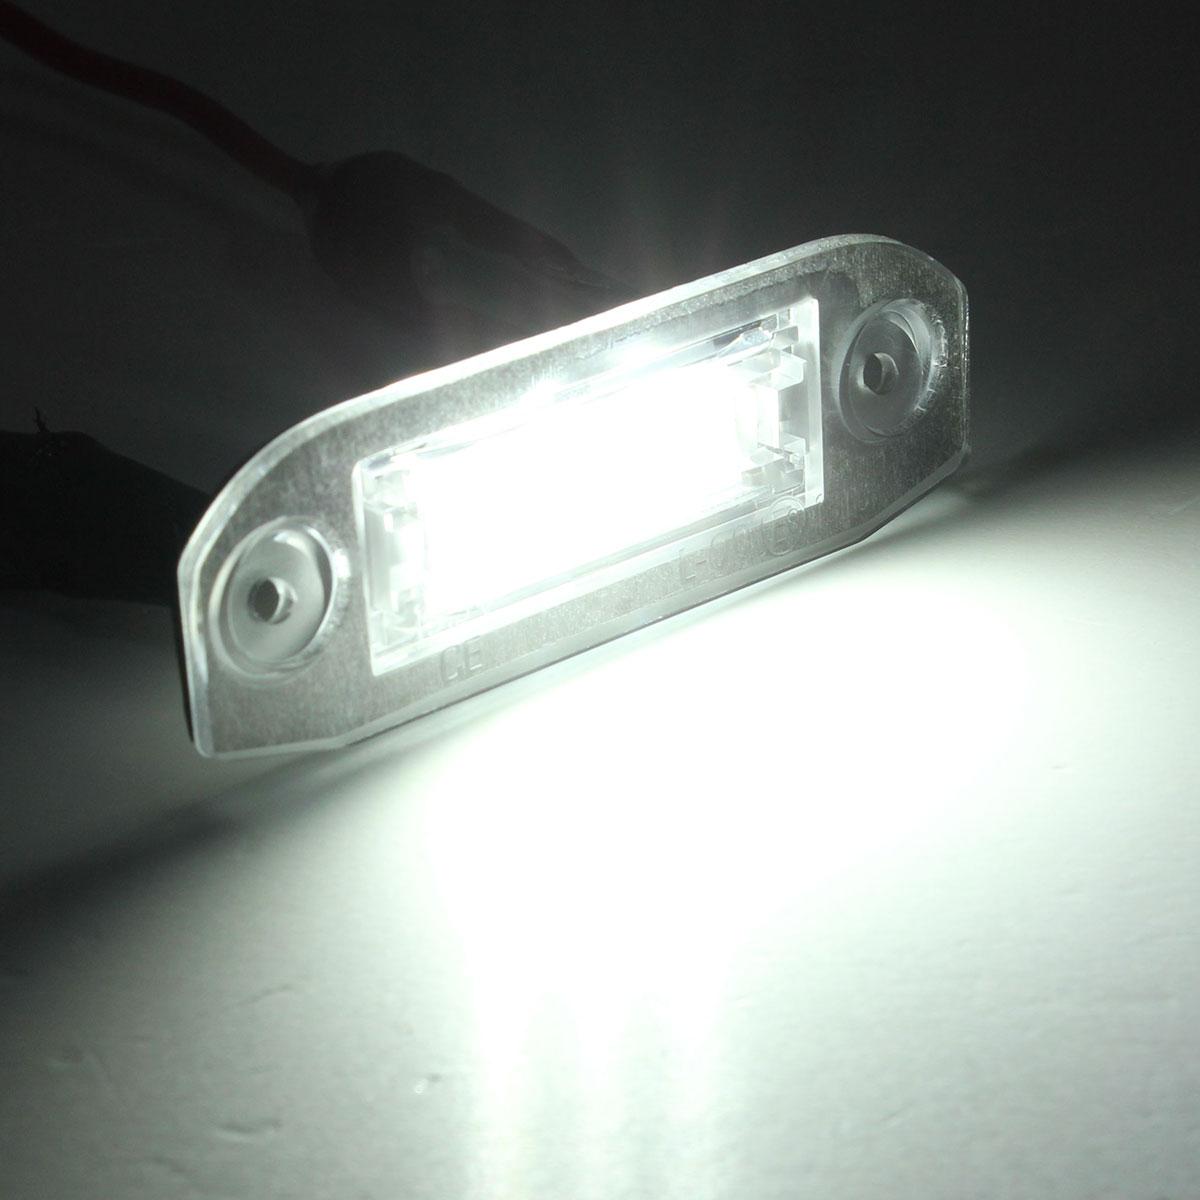 2x rear led number license plate light lamp for volvo v50. Black Bedroom Furniture Sets. Home Design Ideas